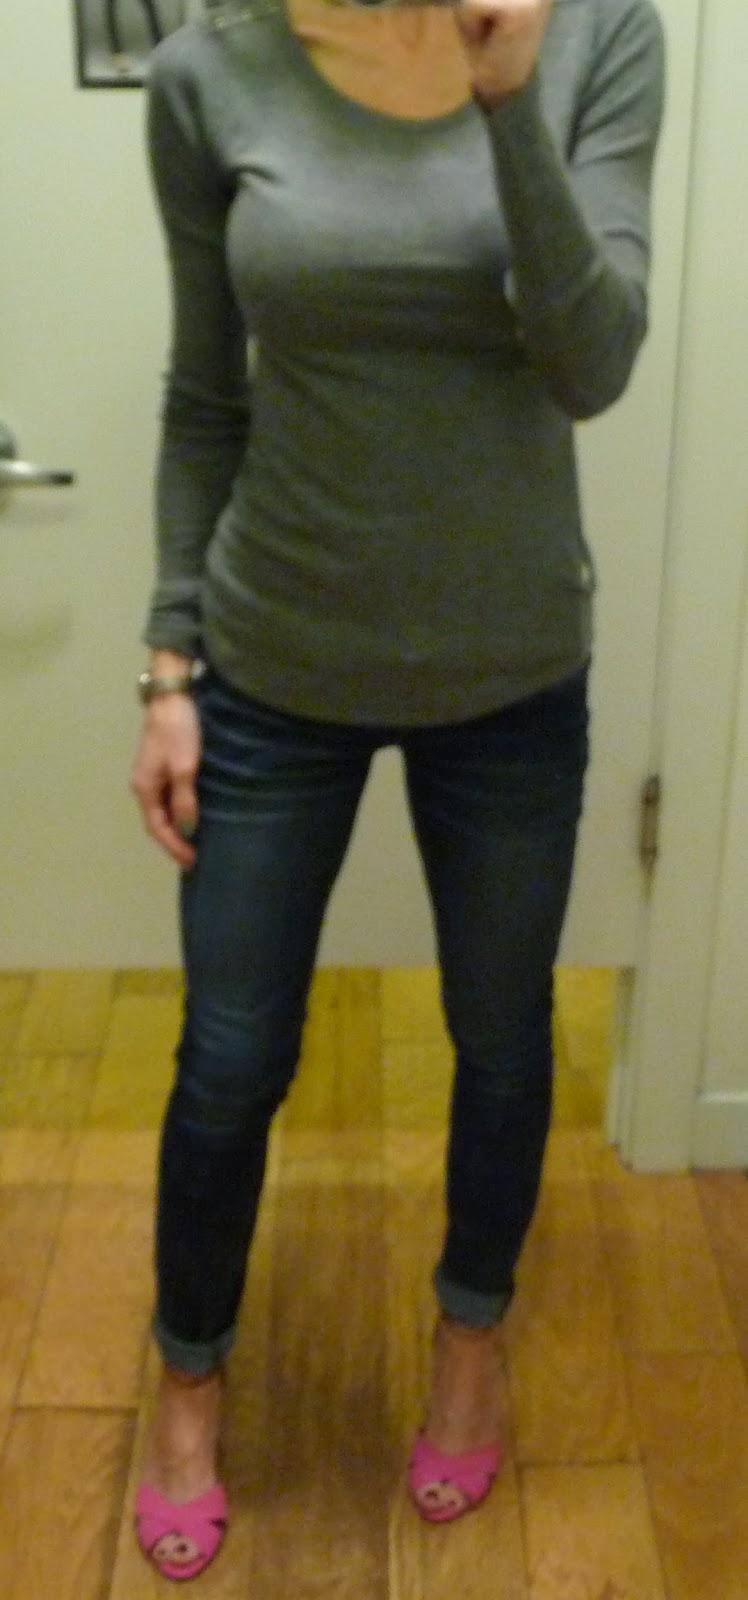 Express button shoulder tee, zelda jean leggings, t shirt